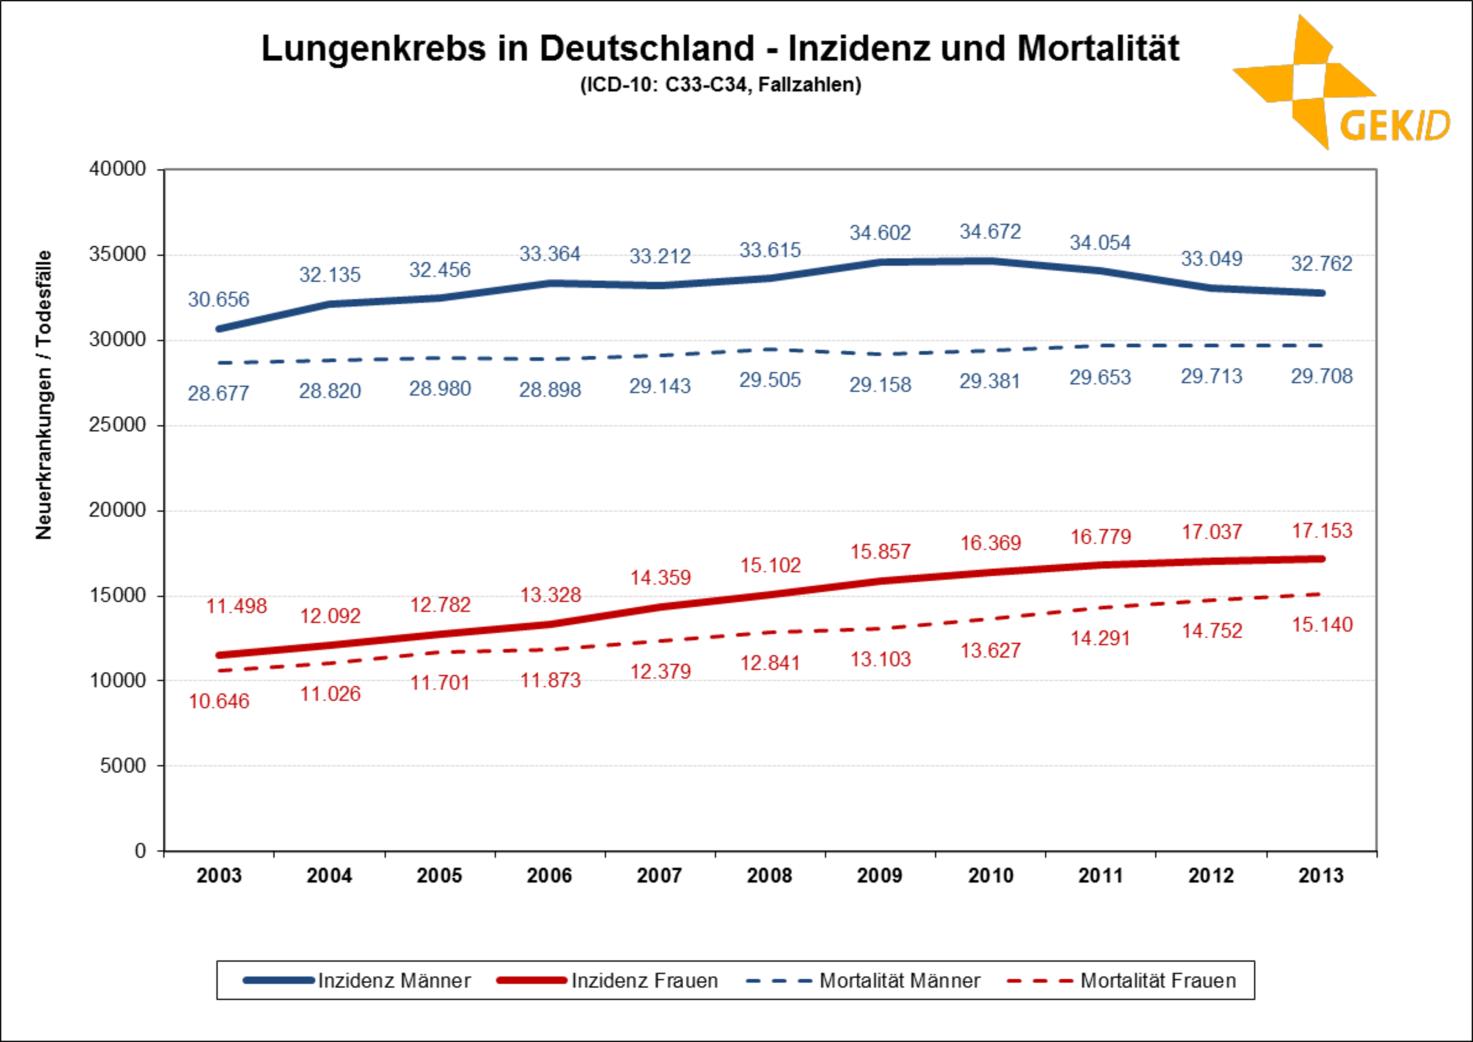 Inzidenz und Mortalität des Lungenkarzinoms in Deutschland (Neuerkrankungen/Todesfälle) 1